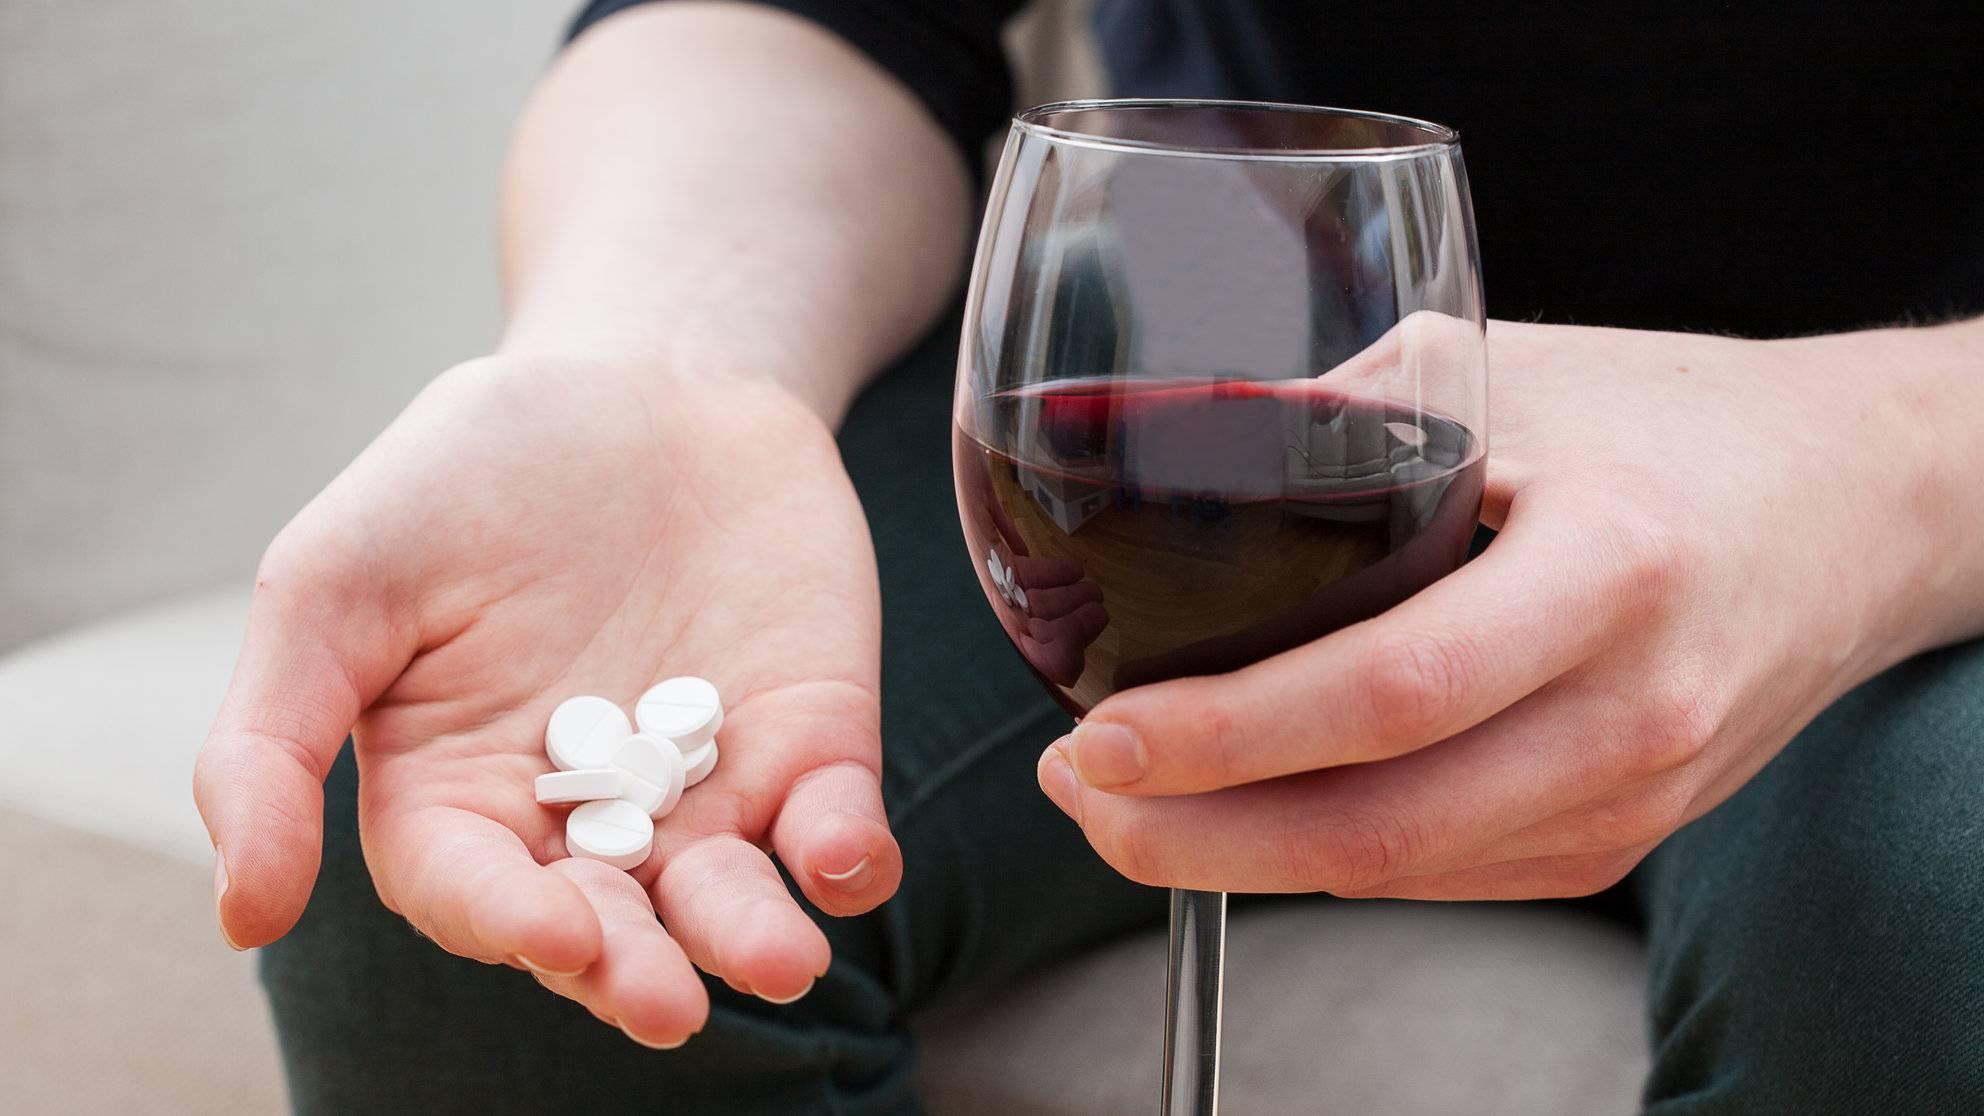 Что если запить аспирин водкой. совместимы ли аспирин и алкоголь